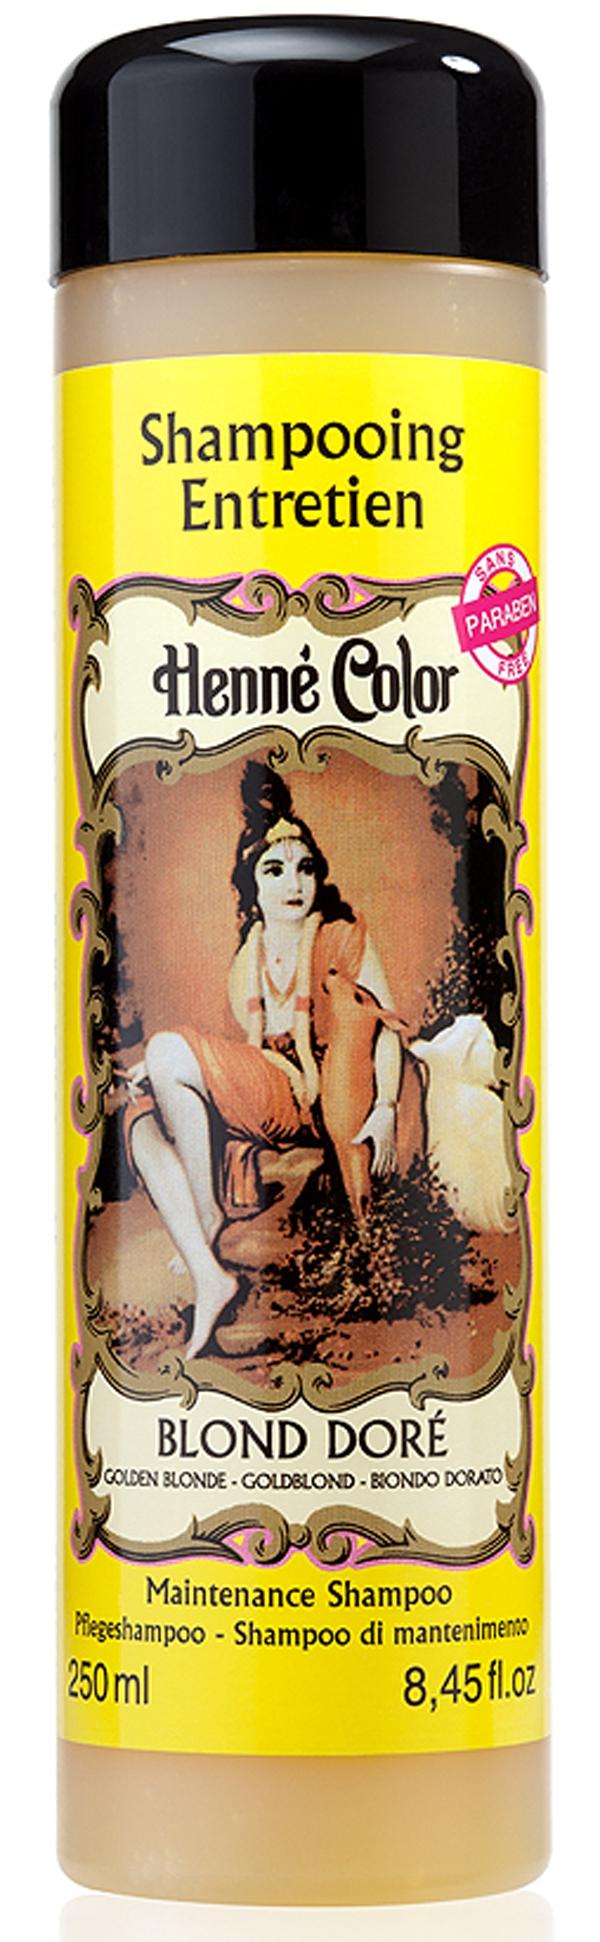 Shampooing entretien Henné Color blond doré 250ml